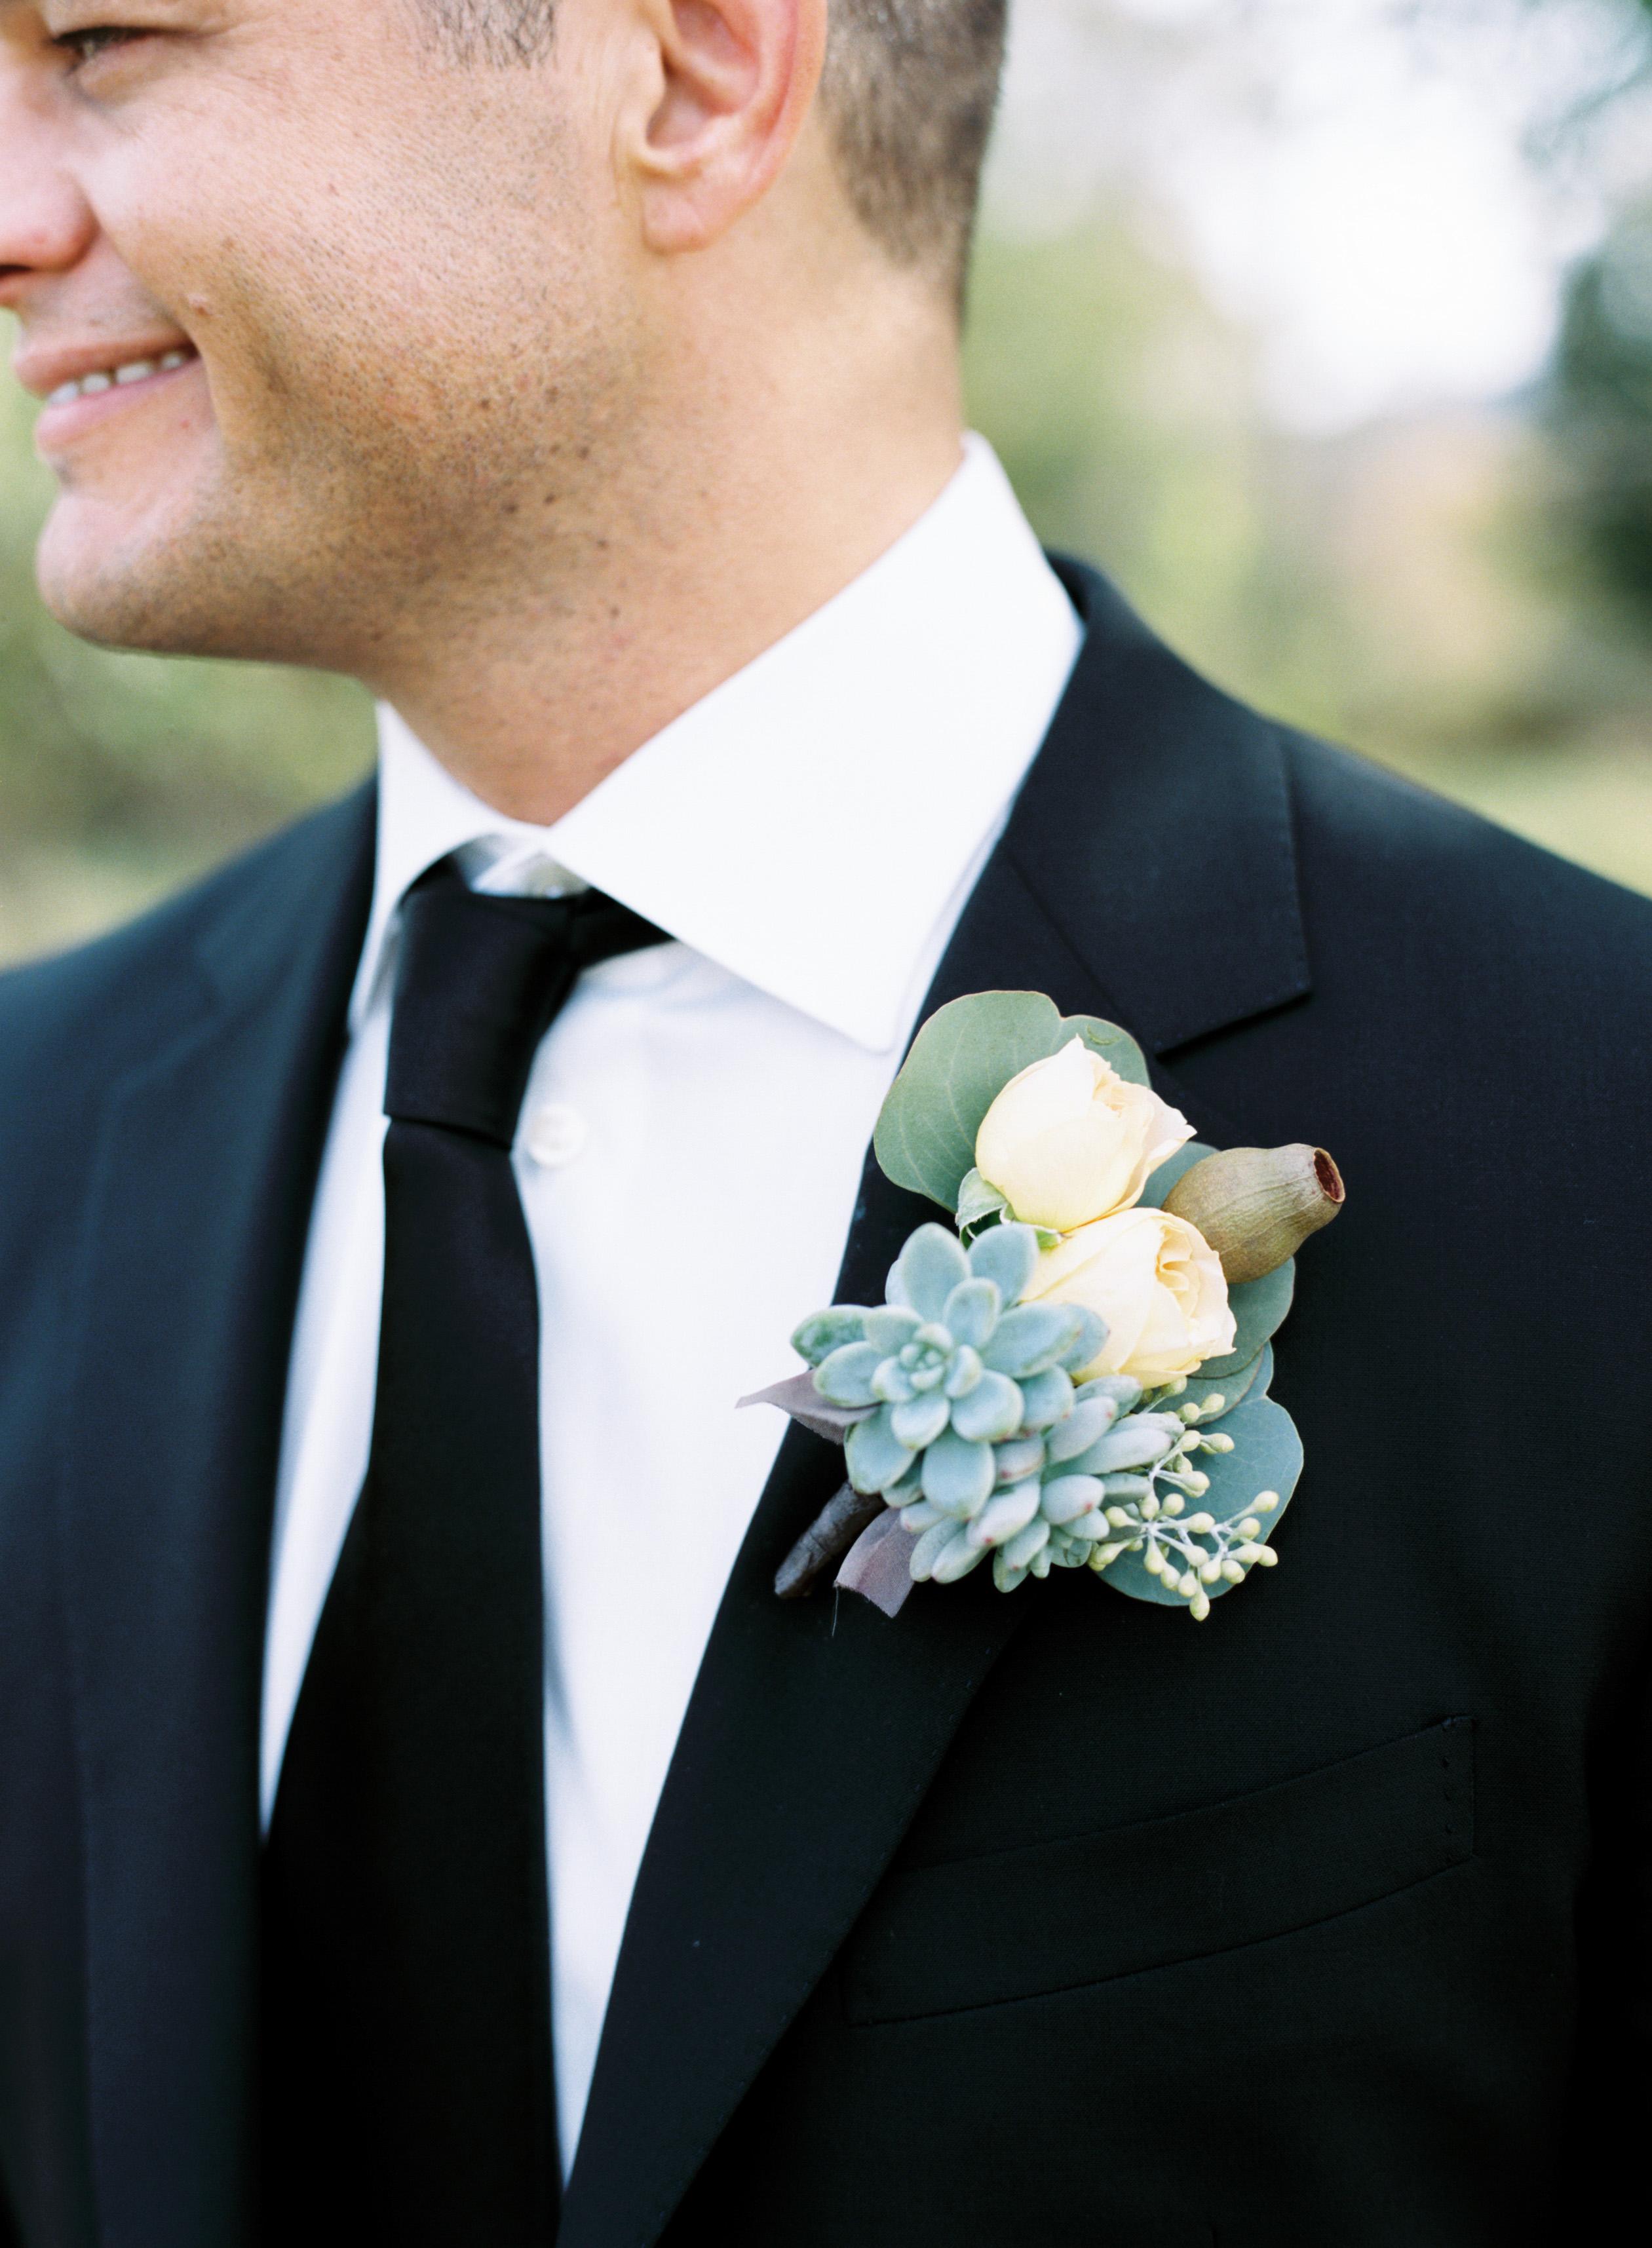 Boutonnière: Ansteckblume für den Bräutigam